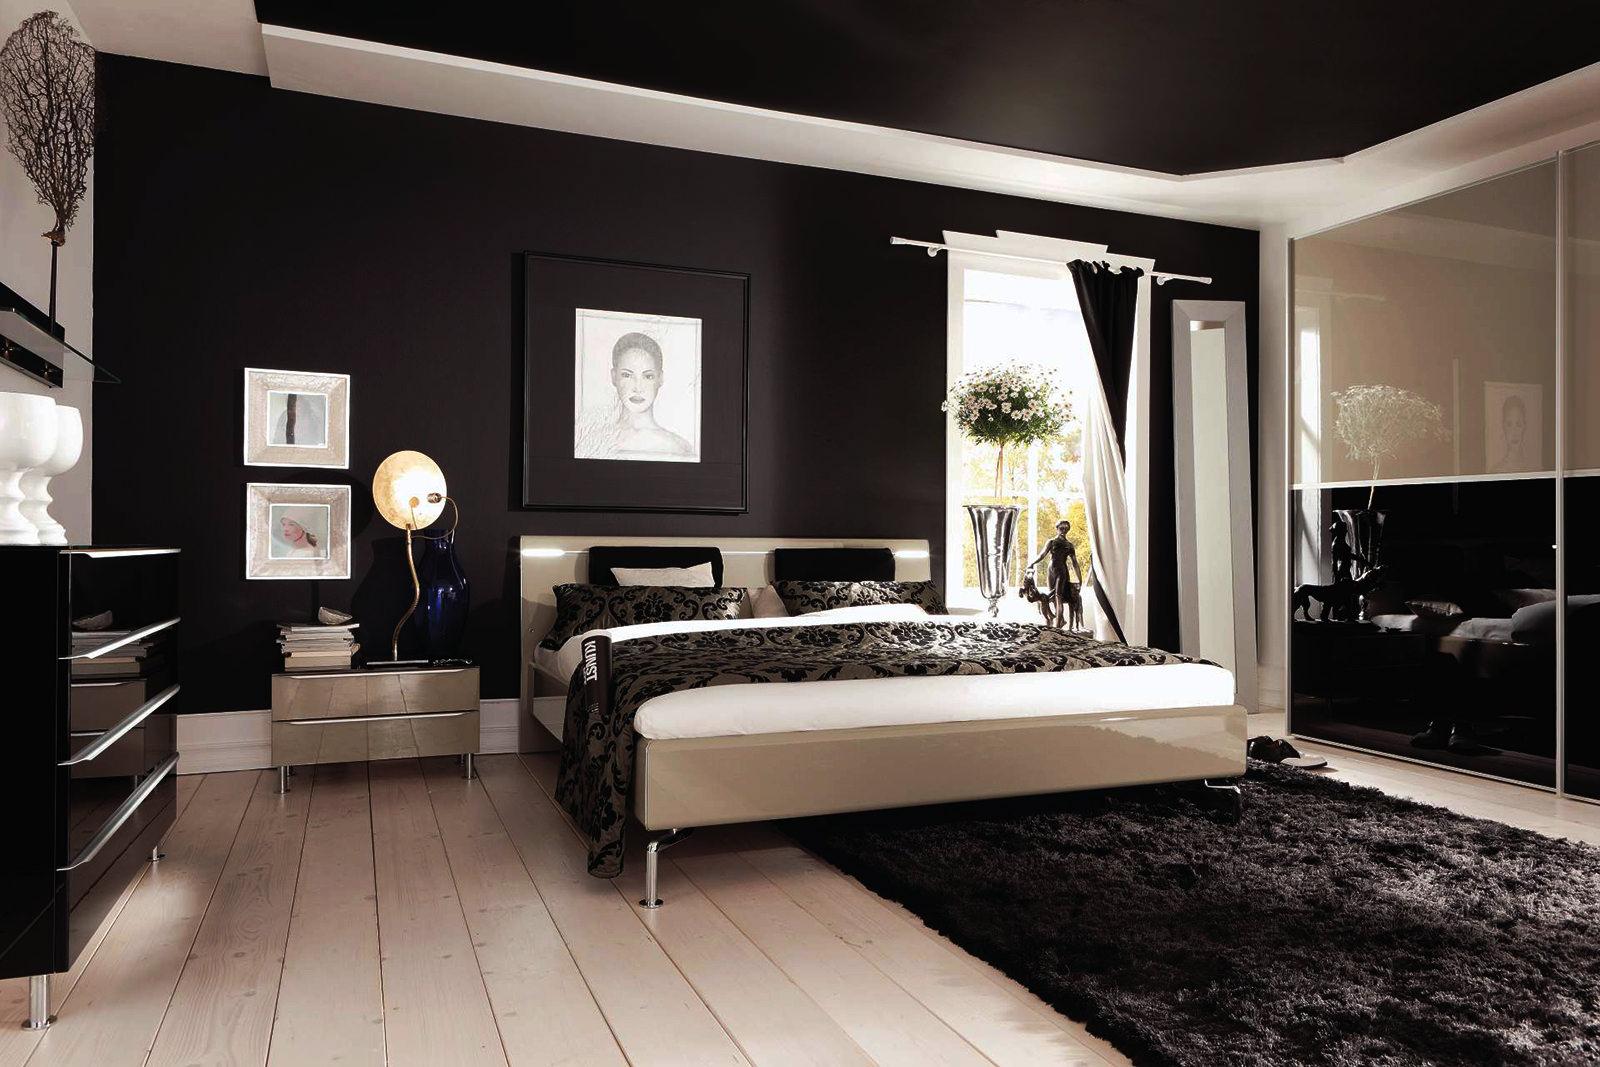 потолок, стены и пол в одном стиле